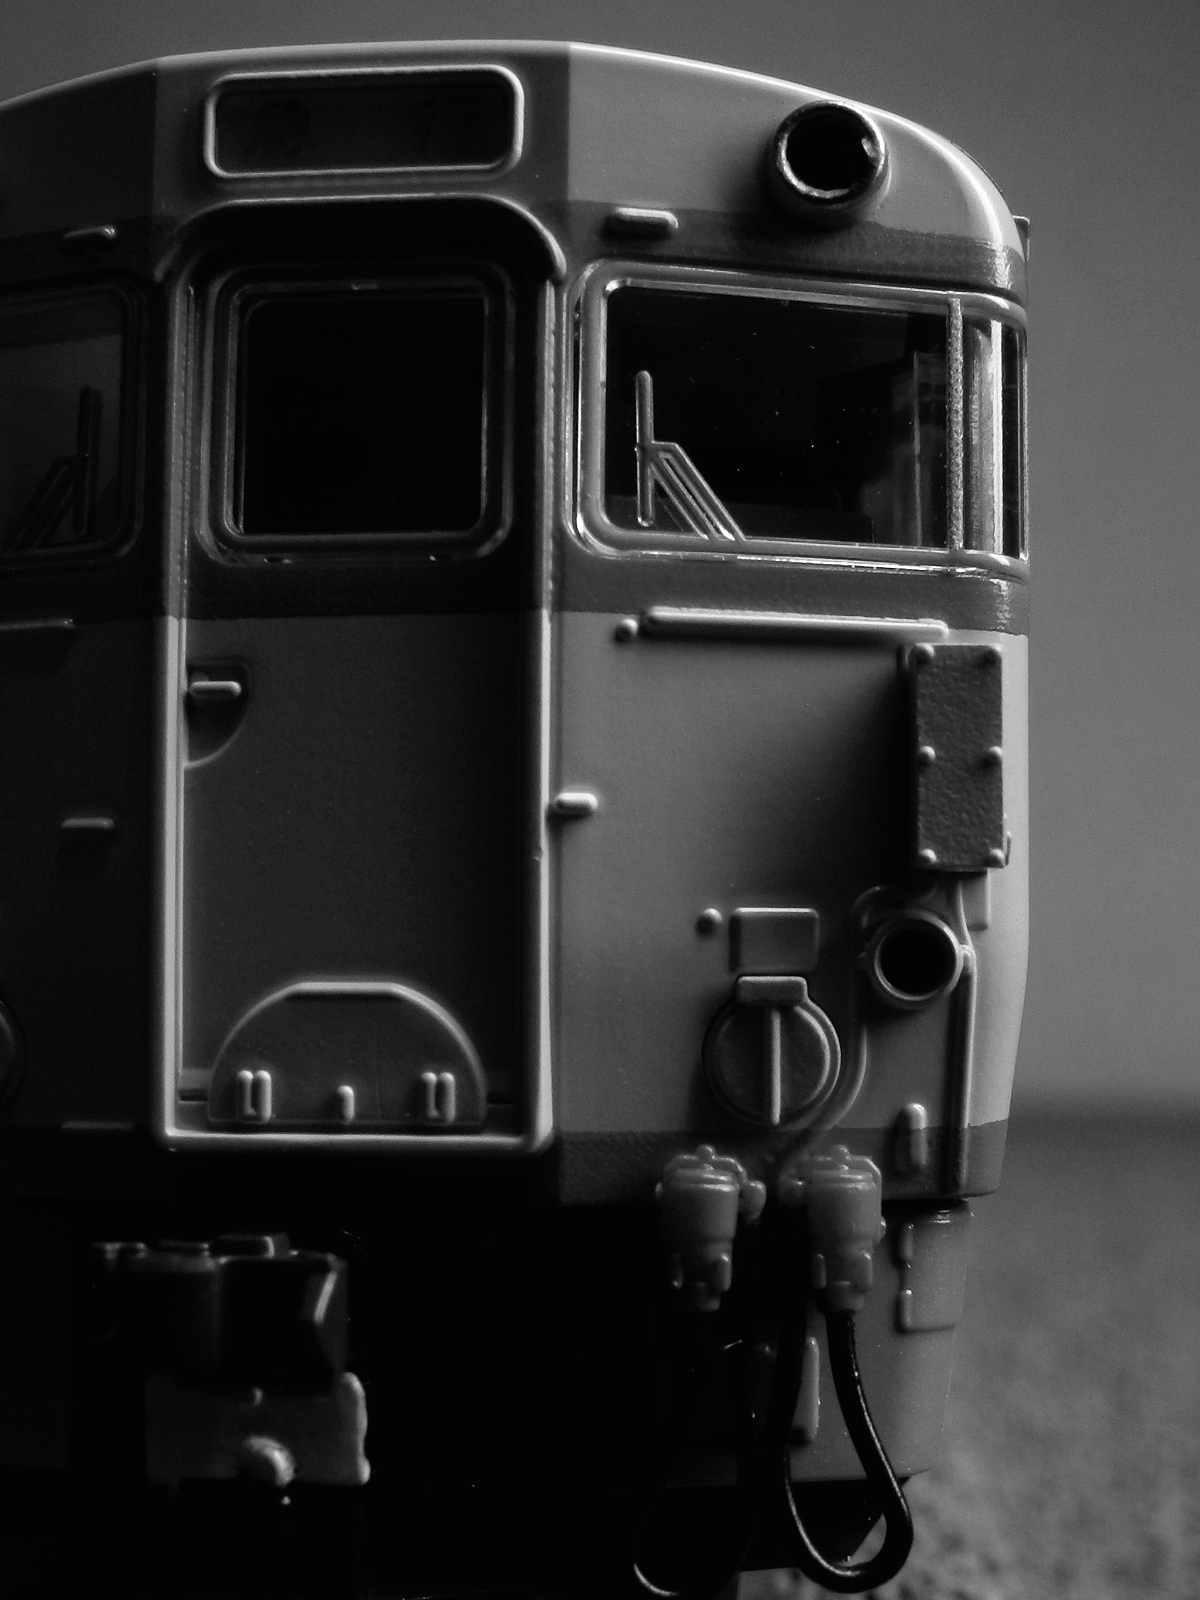 DSCN8796-1.jpg